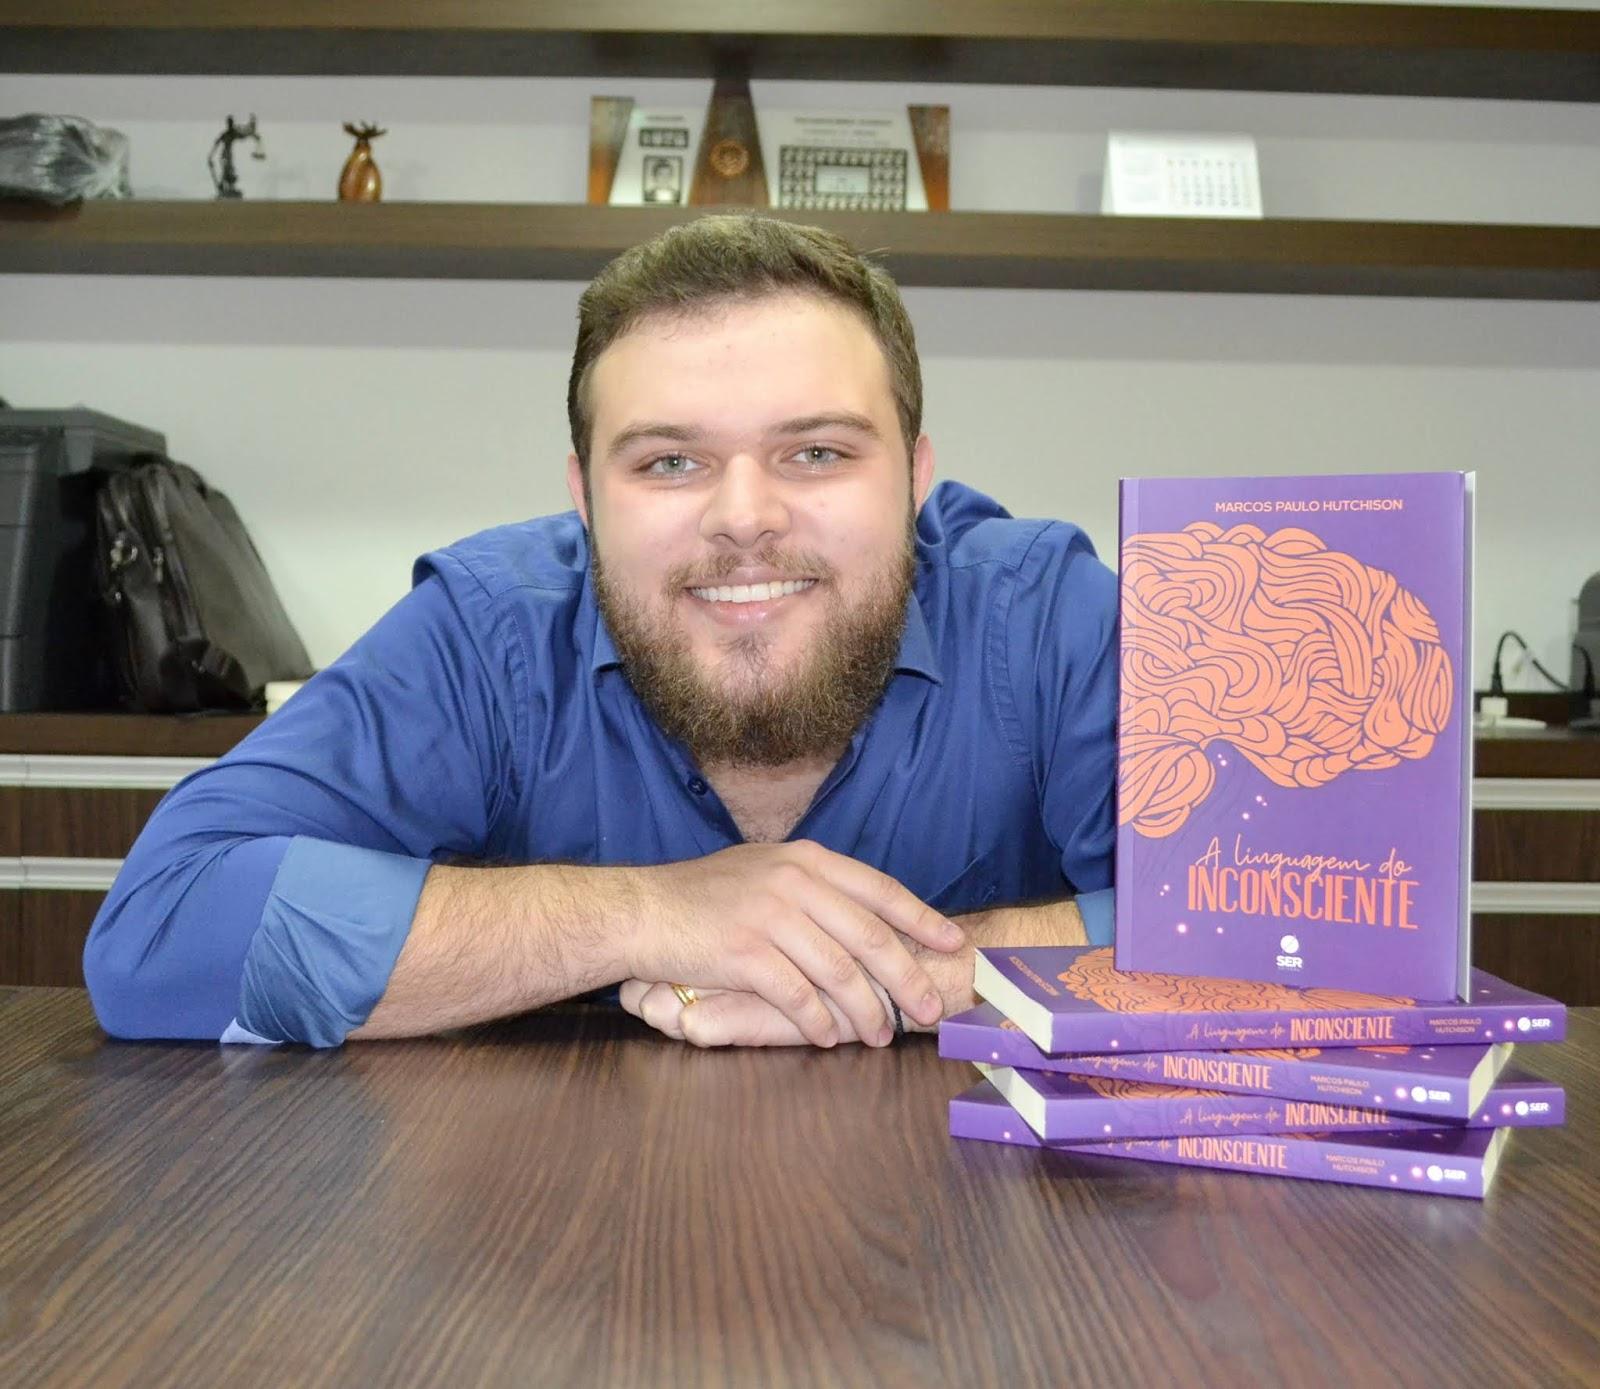 Especialista em hipnose Erickoniana, Marcos Paulo Hutchison lança livro sobre o inconsciente humano e ministra curso em Brasília